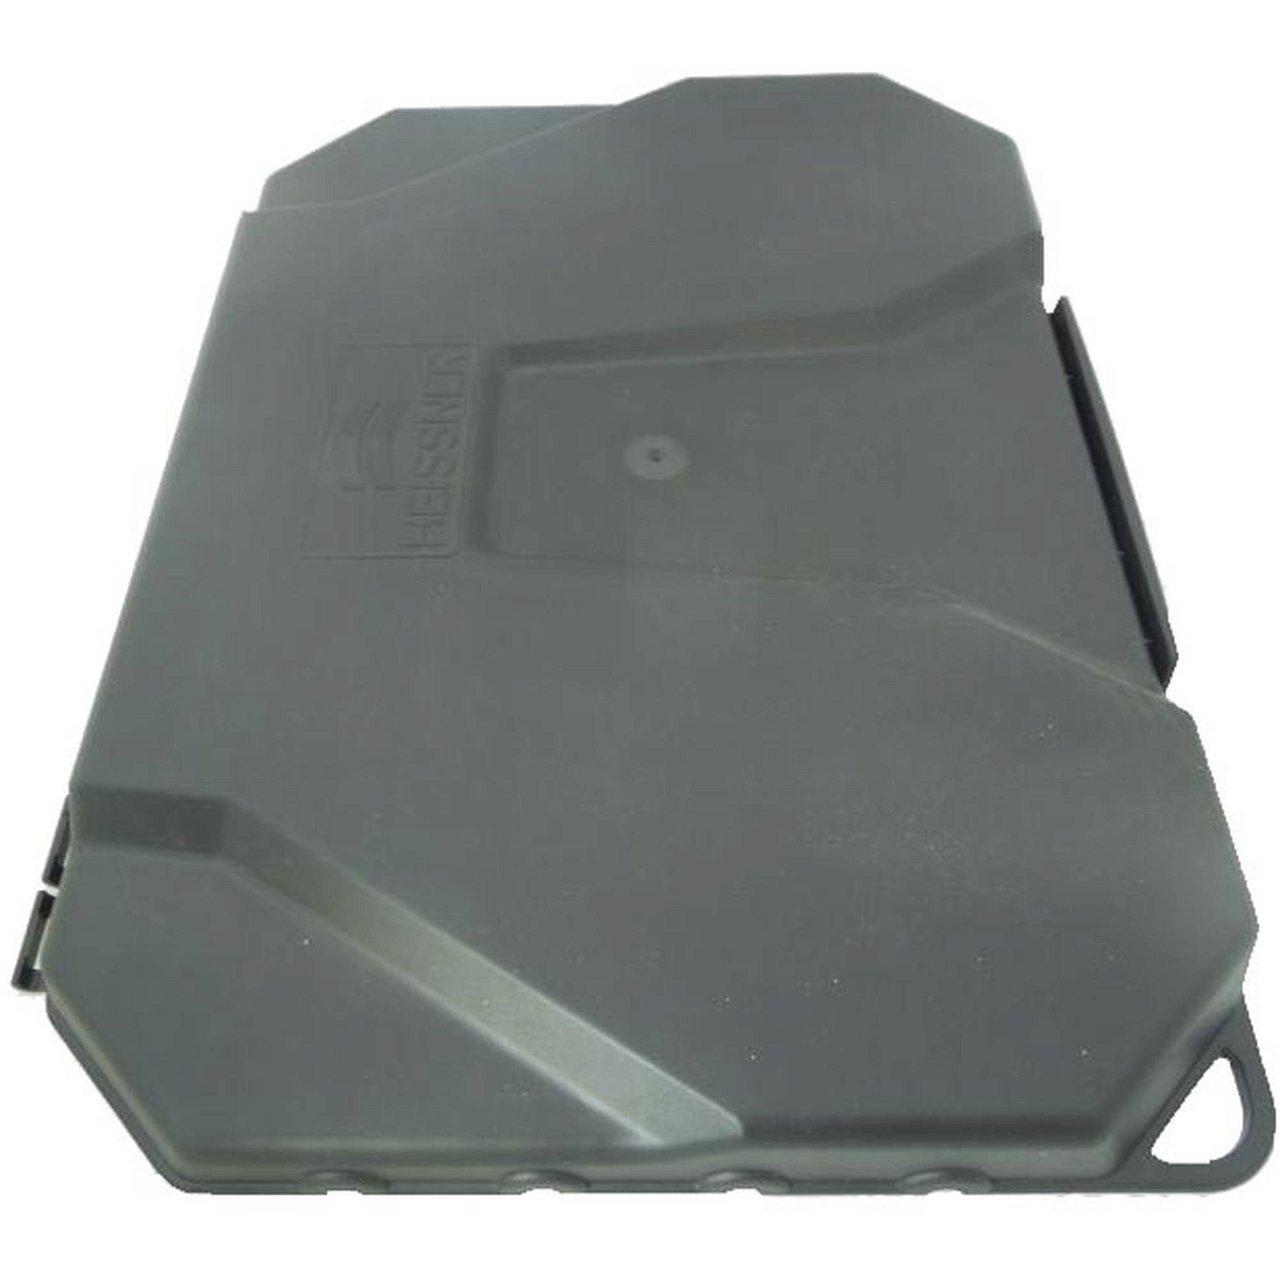 Deckel für Box Z960-00